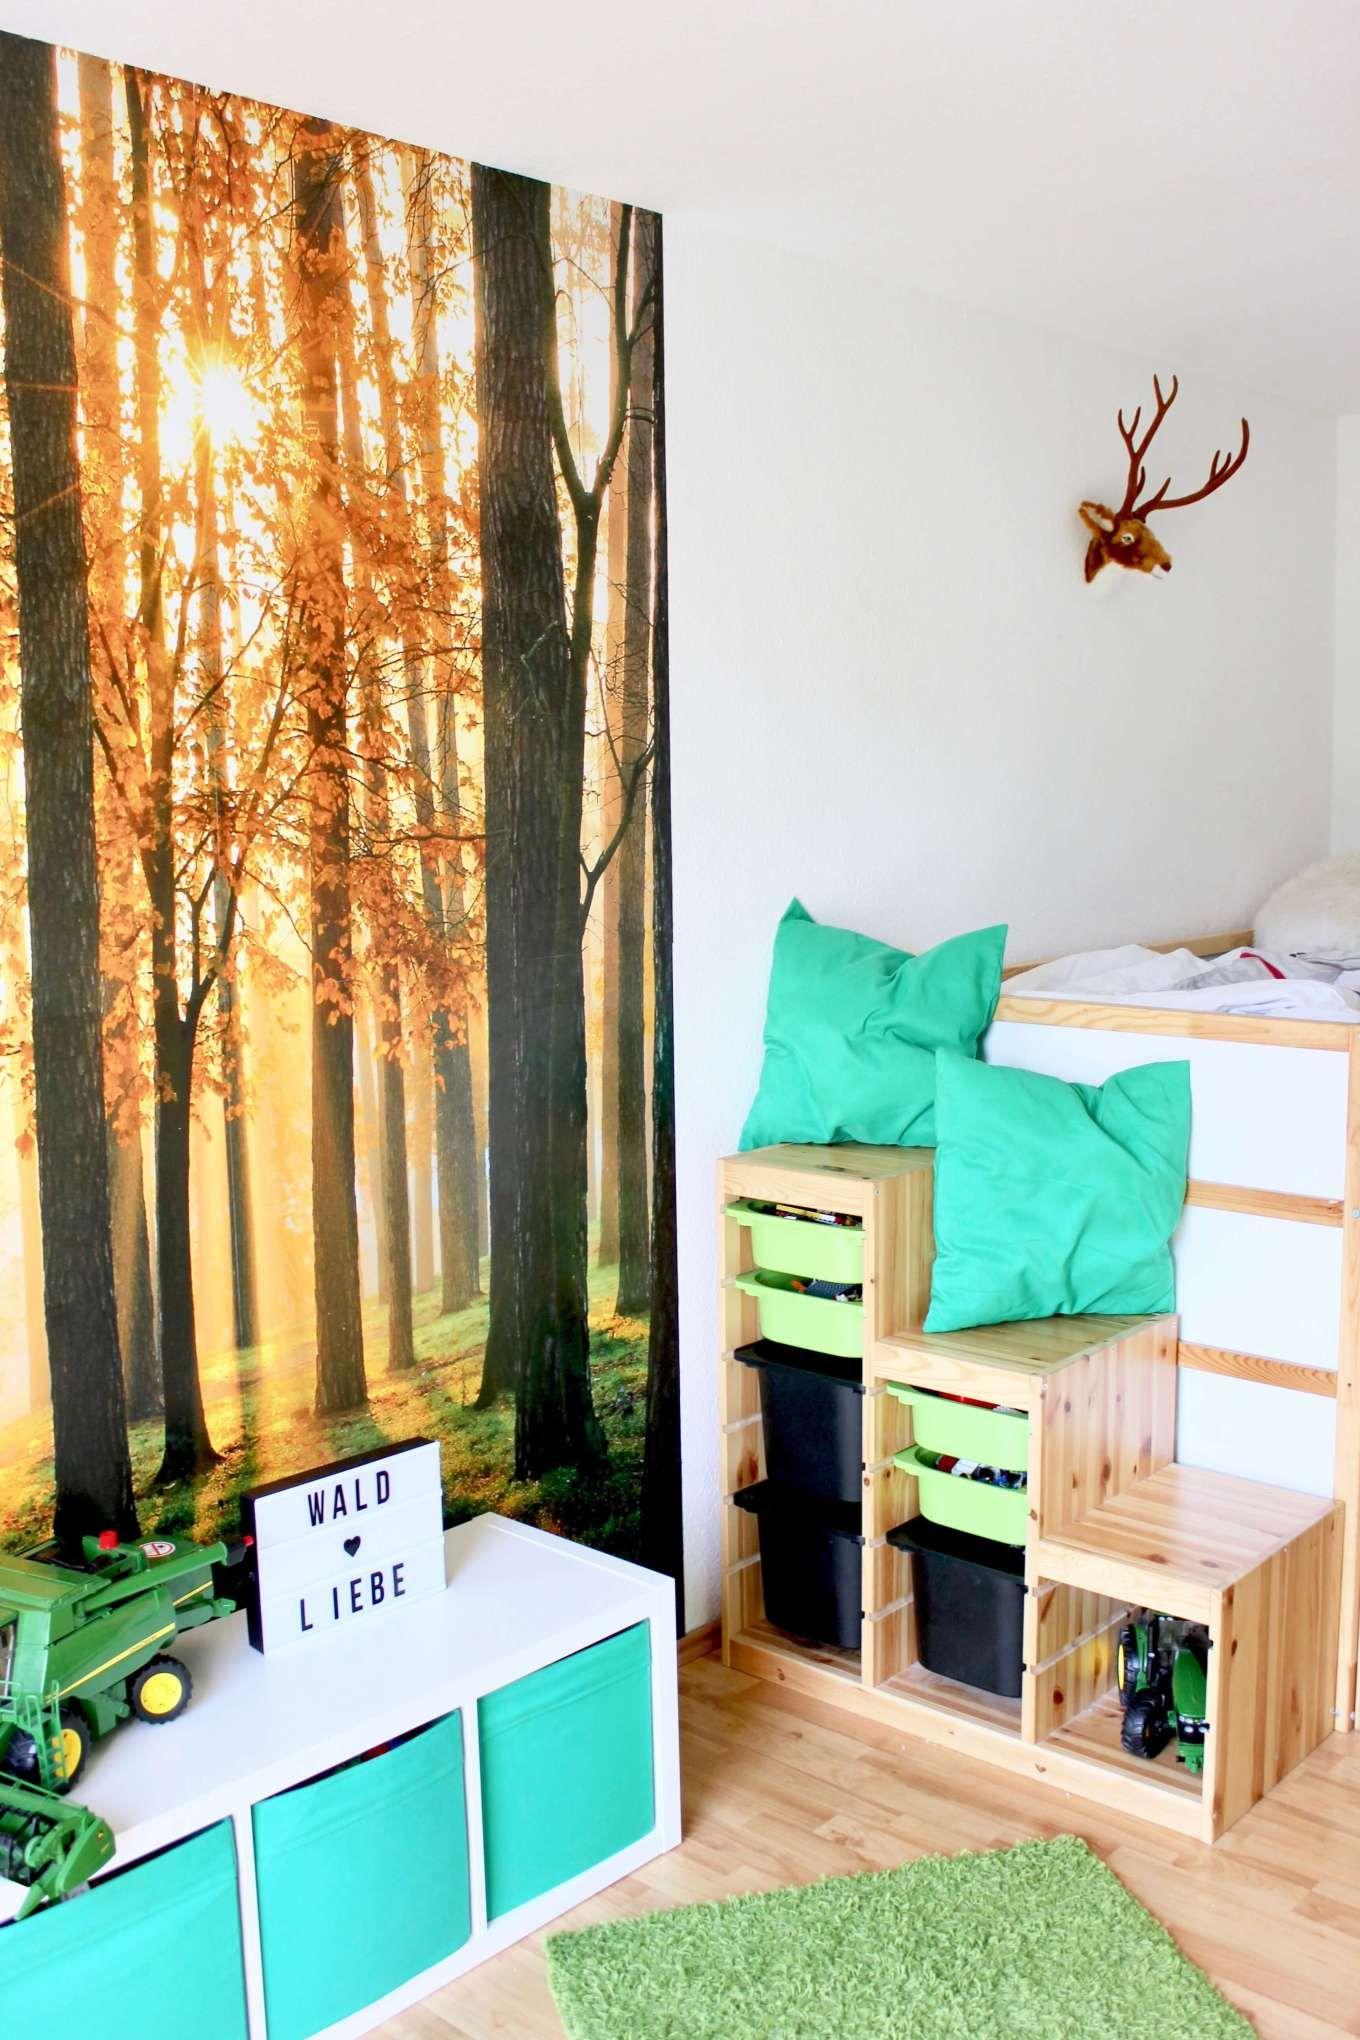 DekoIdeen für ein WaldKinderzimmer mit viel Stauraum